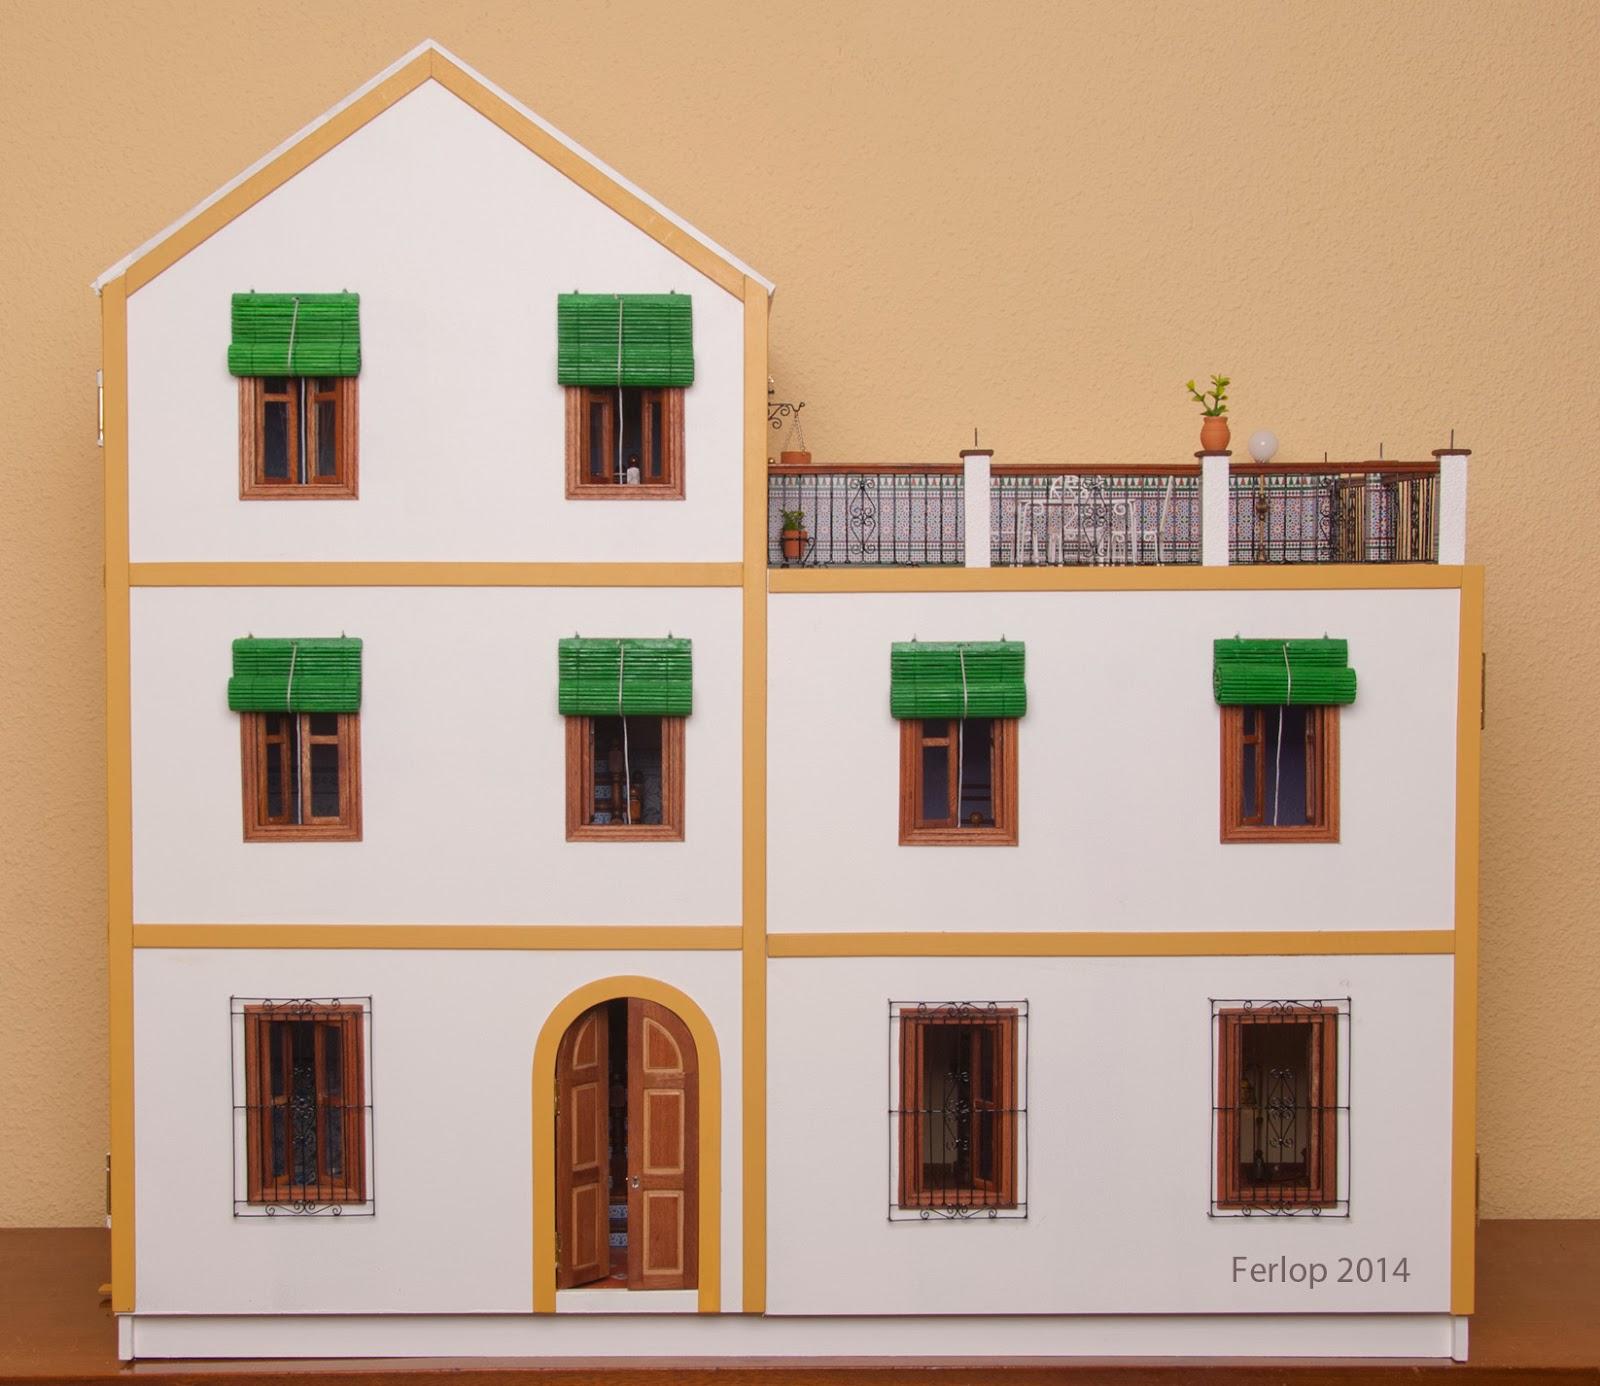 La casita de Ferlop Casa Ferlop